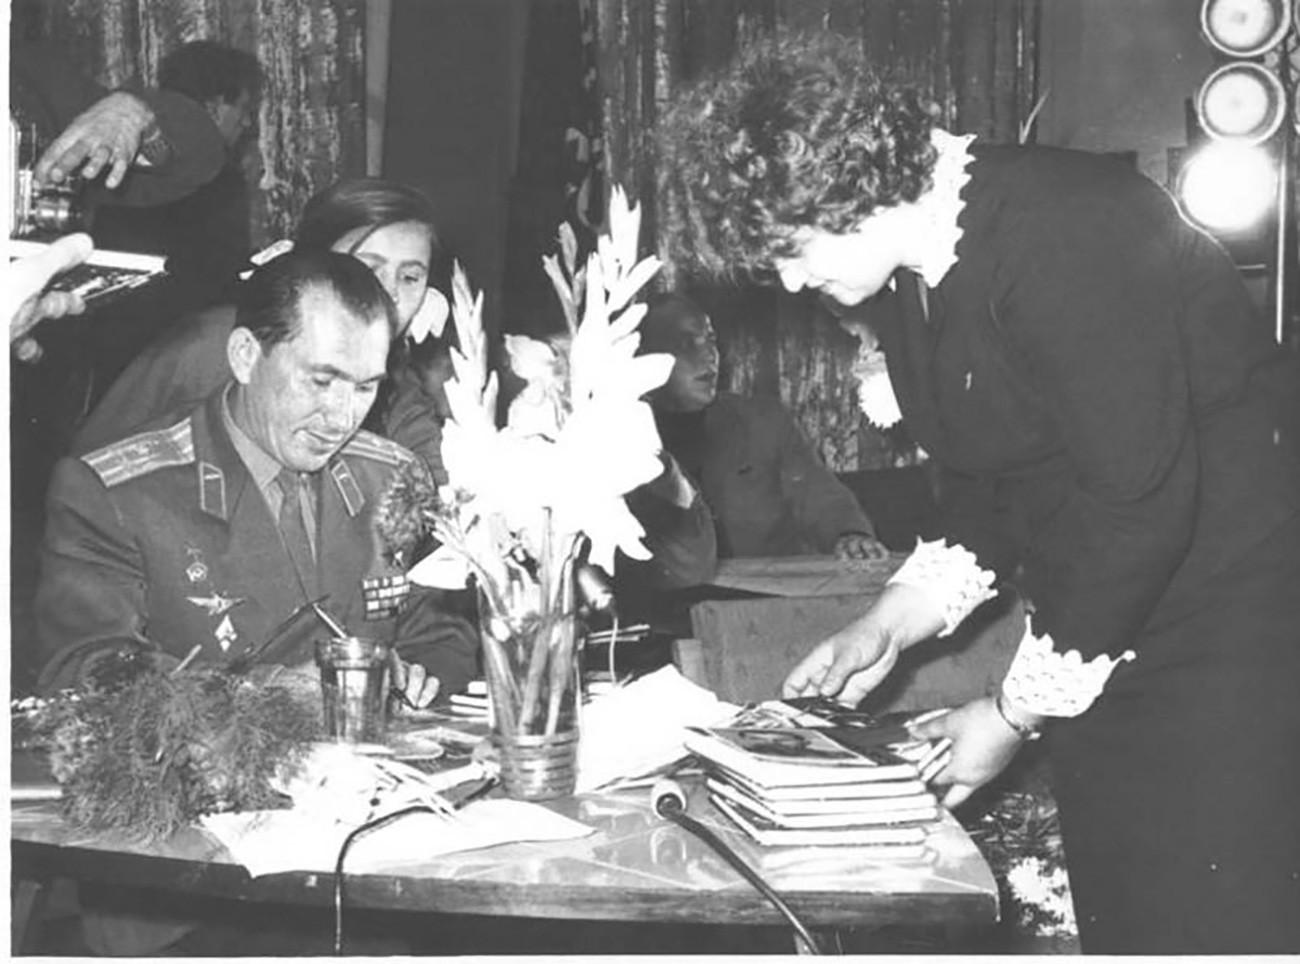 Kozmonaut Pavel Beljajev dijeli autograme mladima. Beljajev je bio prvi zapovjednik korpusa kozmonauta i kozmonaut koji je zapovijedao misijom Vostok 2, koja je vidjela prvu šetnju svemirom Alekseja Leonova. 31. kolovoza 1966. /